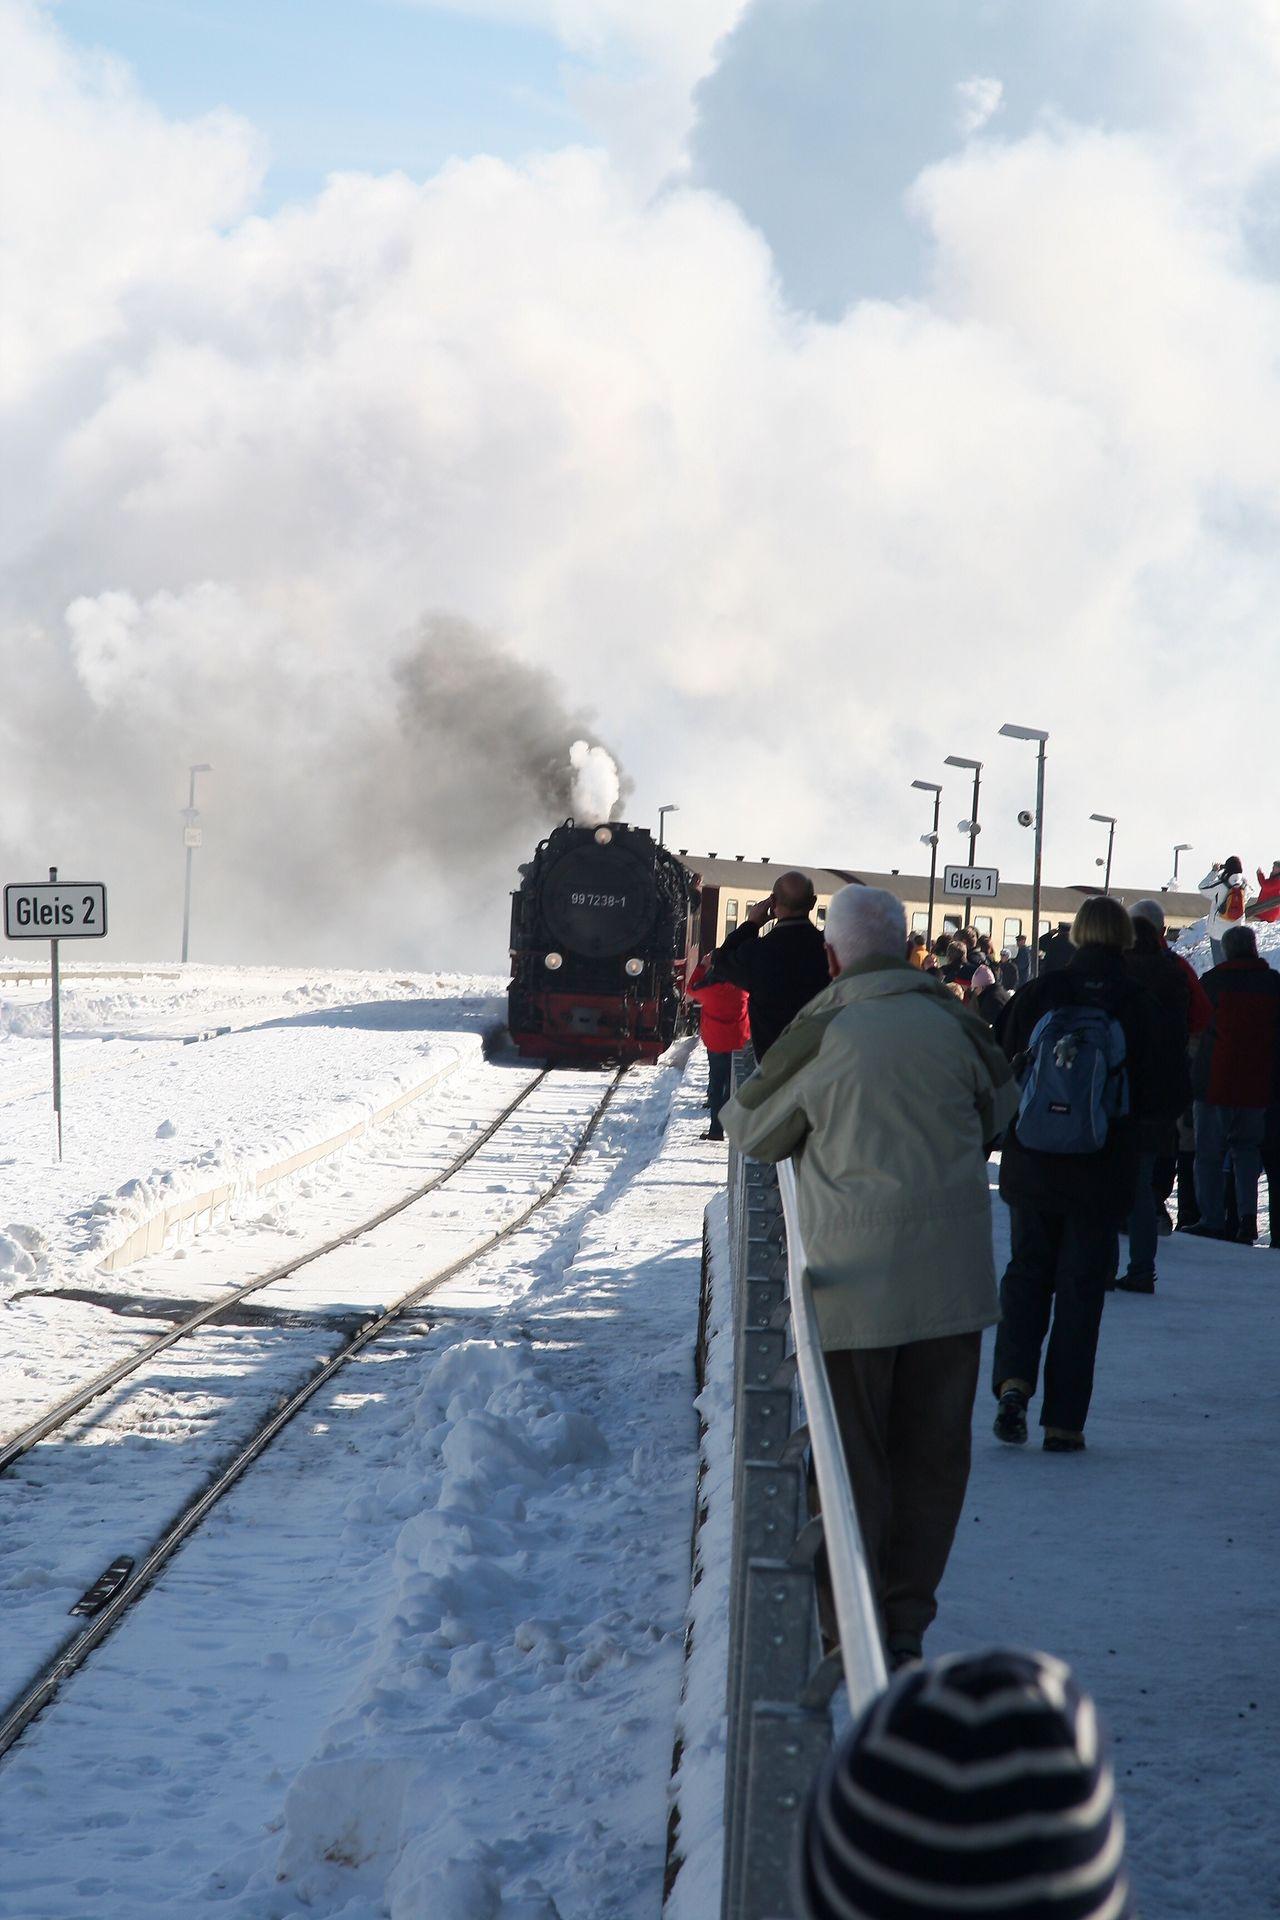 Brockenbahn BrockenBlick Brocken Harz Harz Bilder Sachsen-Anhalt Steam Locomotive Locomotive Train Trainstation Train Station